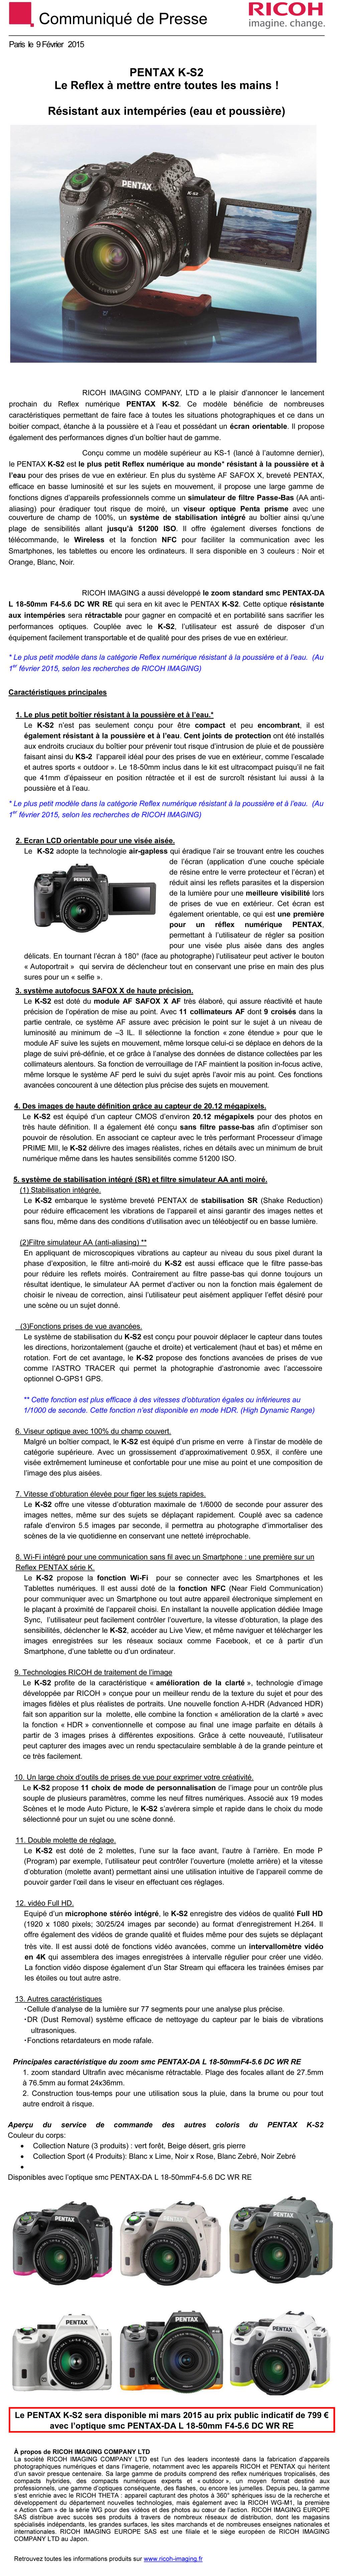 PENTAX RICOH IMAGING - Communiqué de Presse 09/02/2015 - PENTAX K-S2 GNsRUP